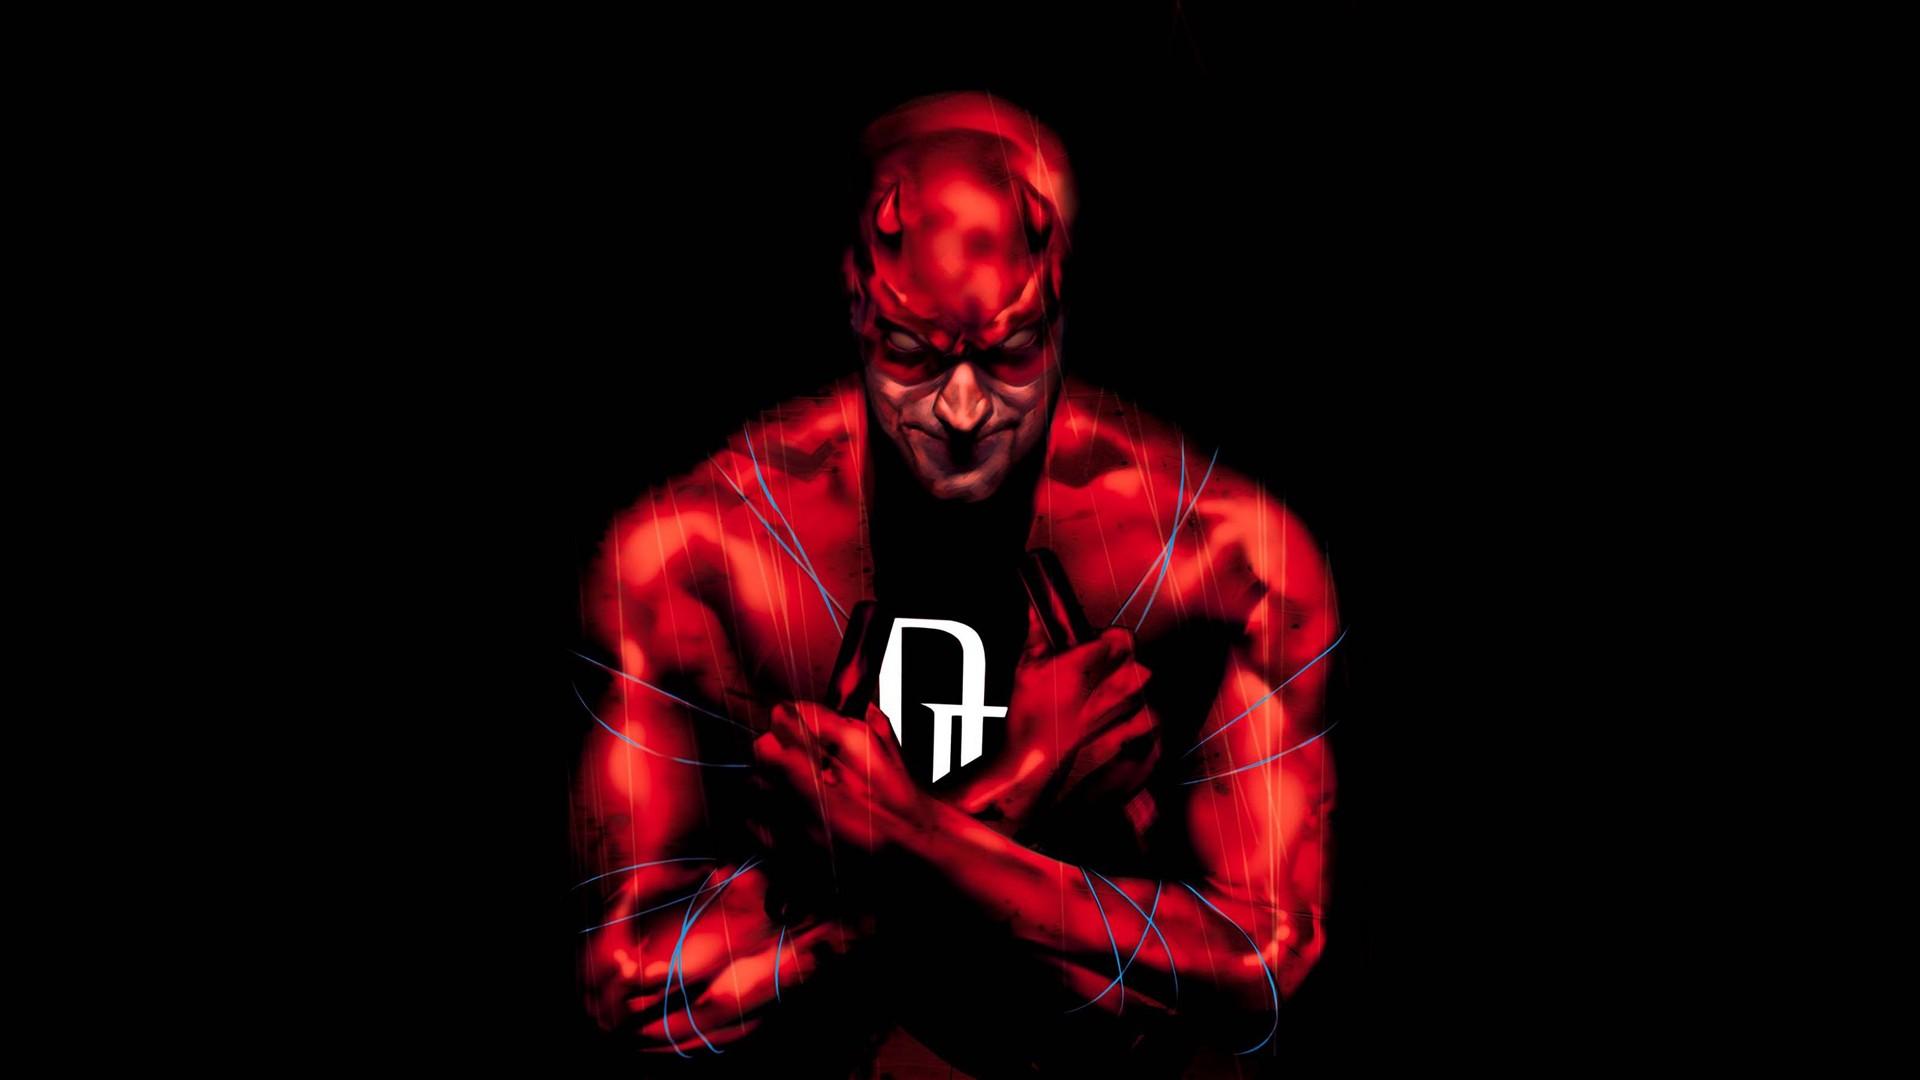 Daredevil Netflix Movie Wallpapers Download Desktop Wallpaper 1920x1080